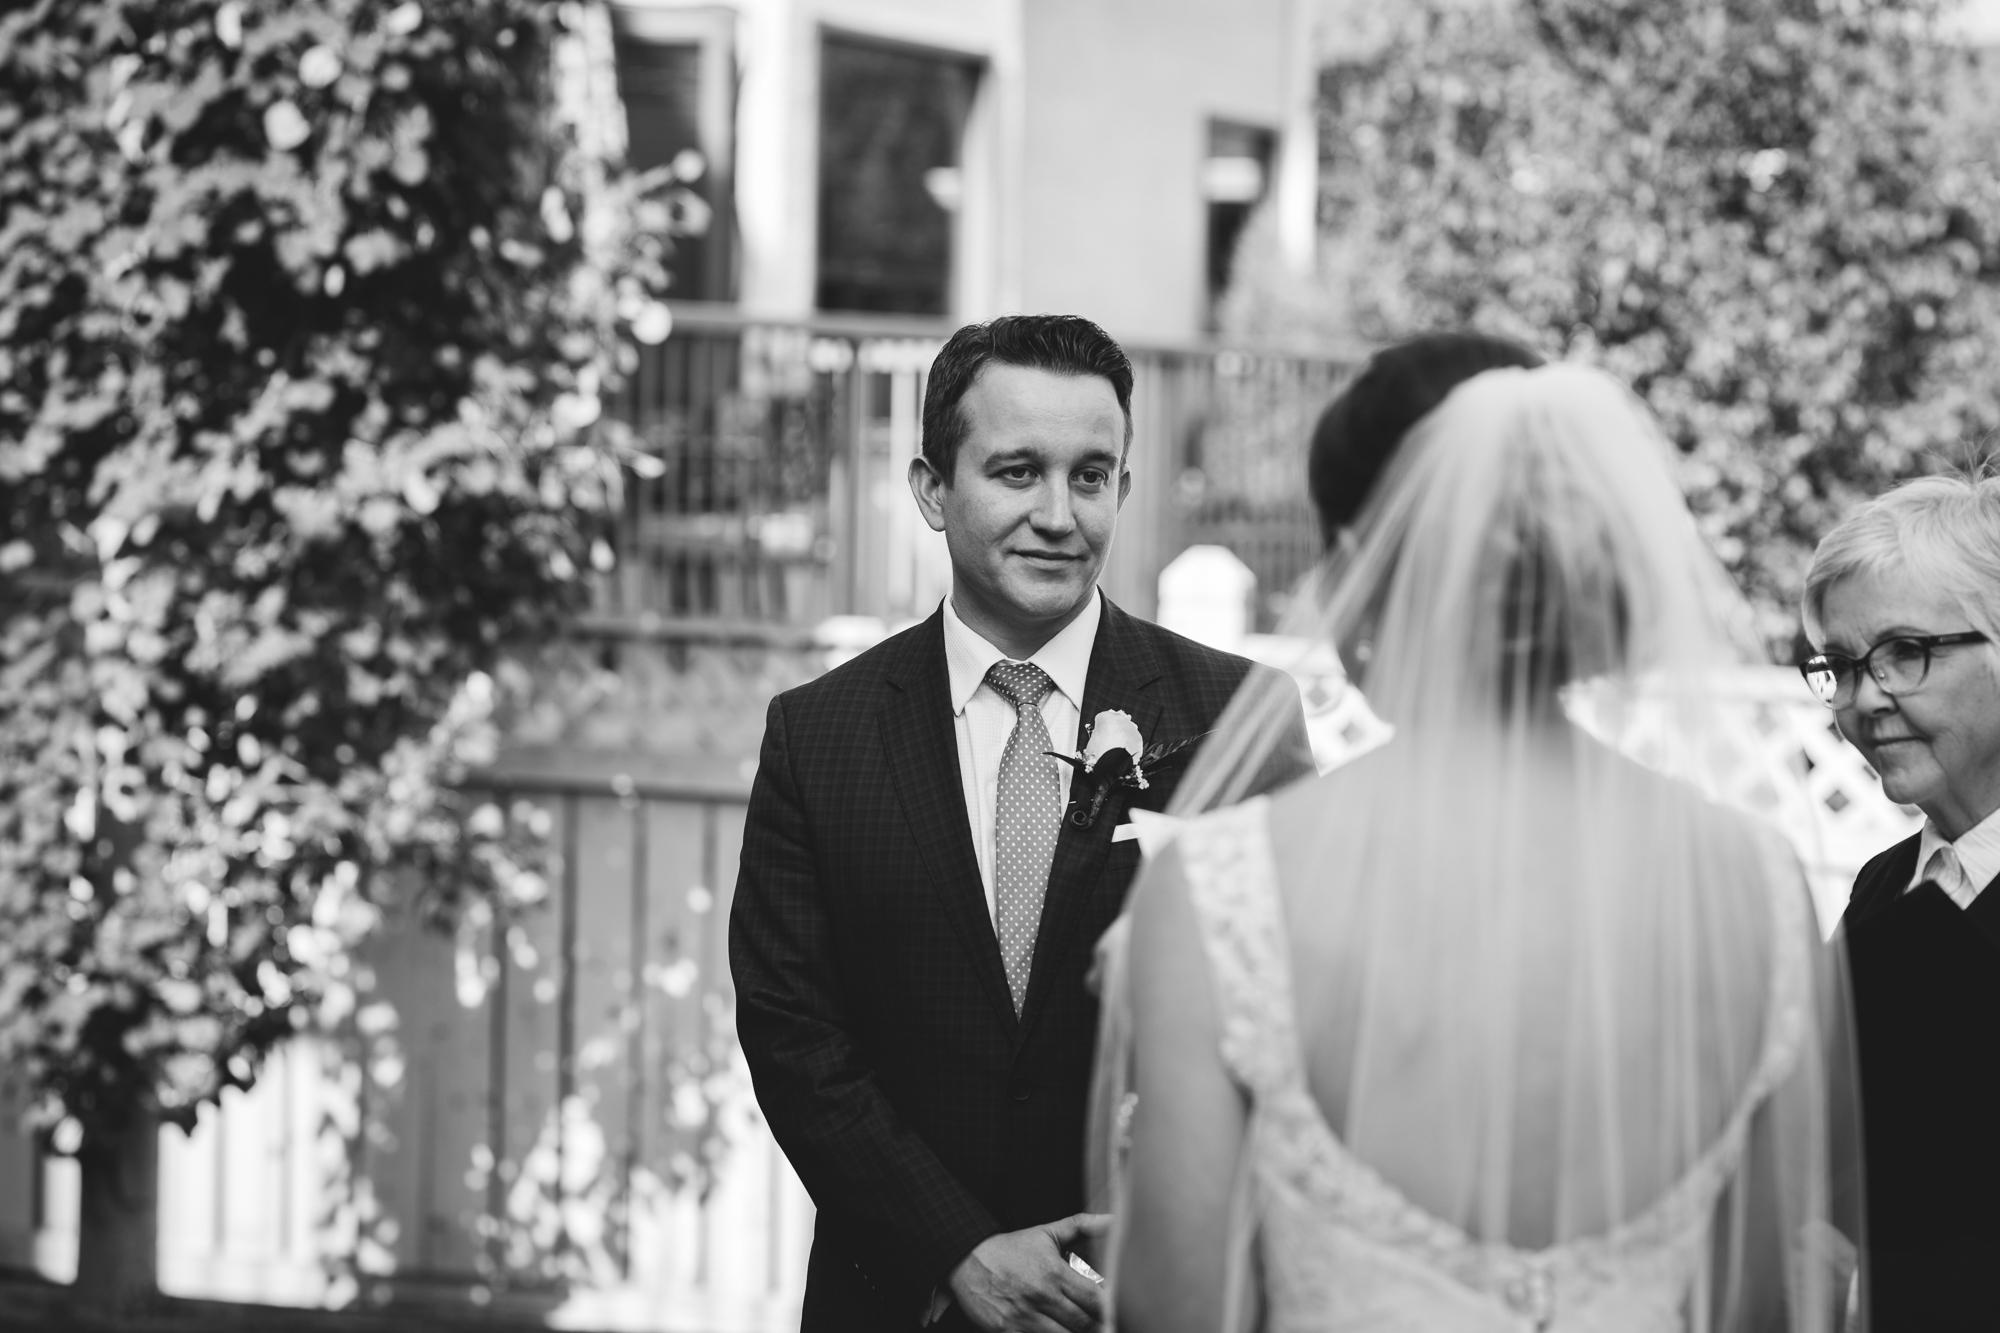 Deanna-Rachel-Photography-calgary-Wedding-photographer-jm-58.jpg